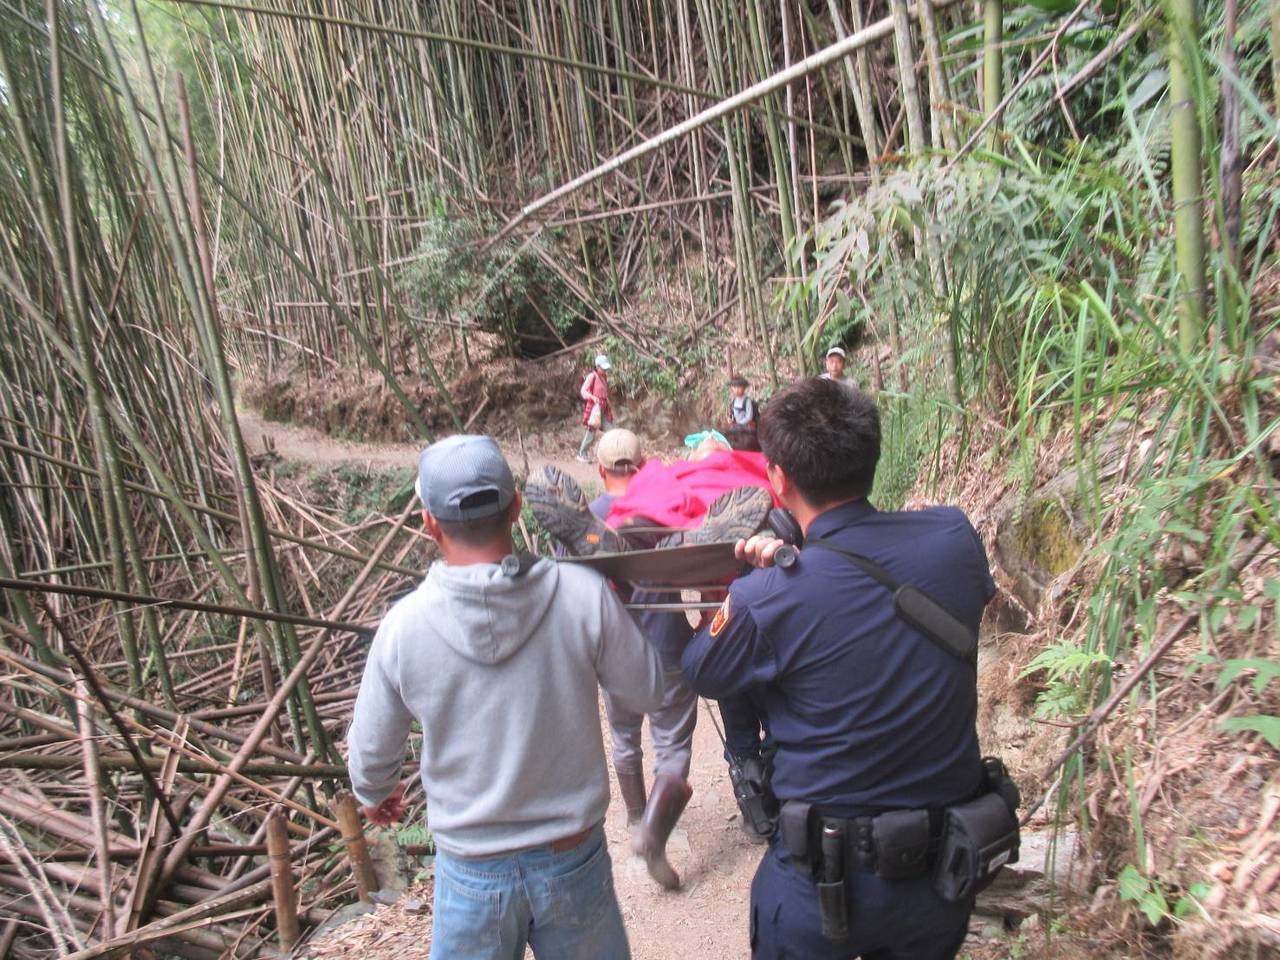 警方緊急出動,部落4名山青馬不停蹄的奔往崎嶇陡峭、山路狹窄濕滑的碎石山路中,合力...